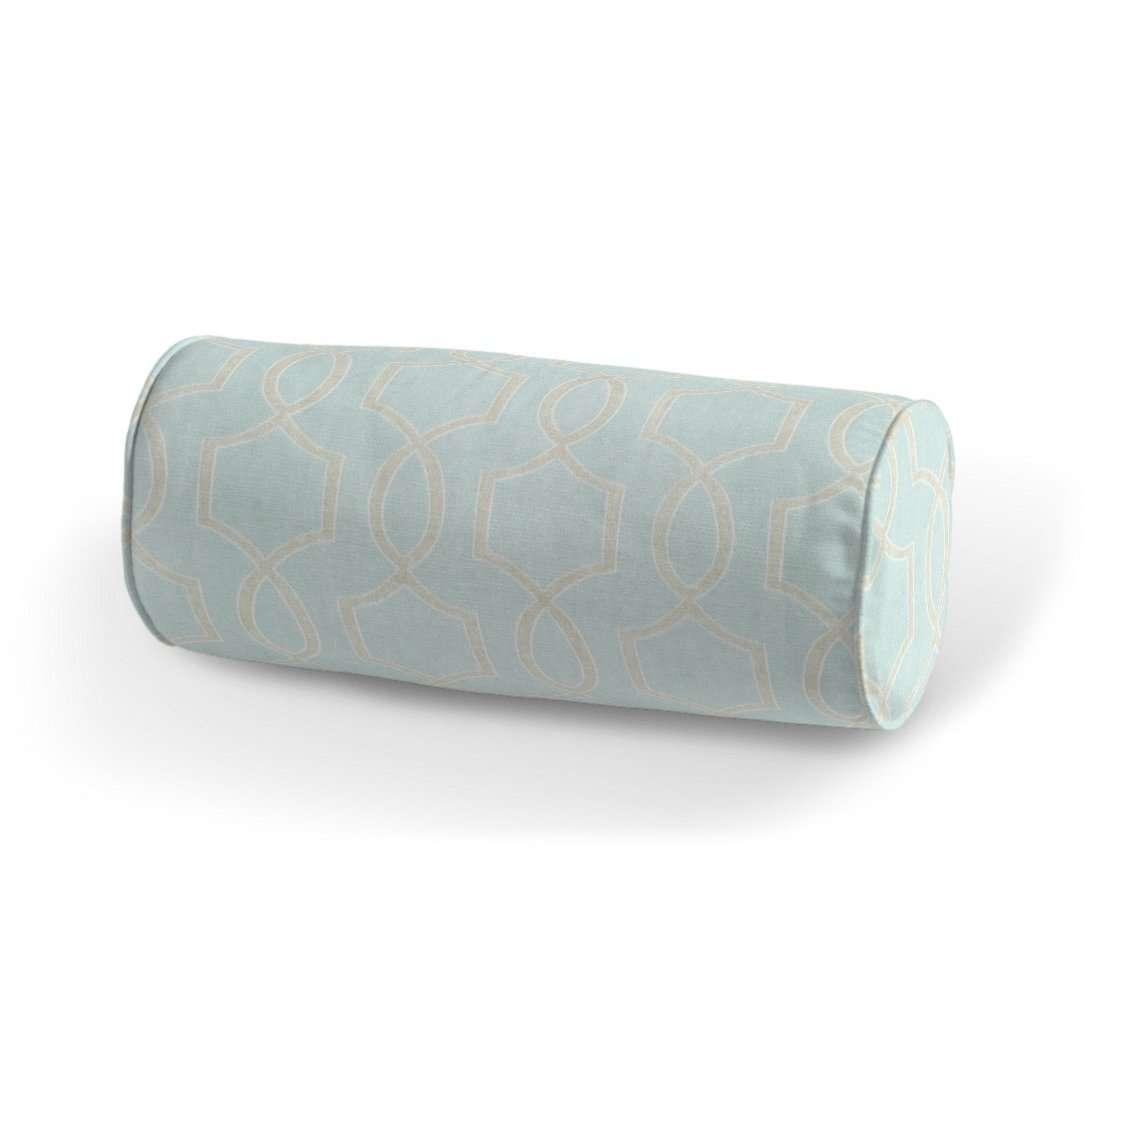 Poduszka wałek prosty Ø 16 x 40 cm w kolekcji Comics, tkanina: 141-24